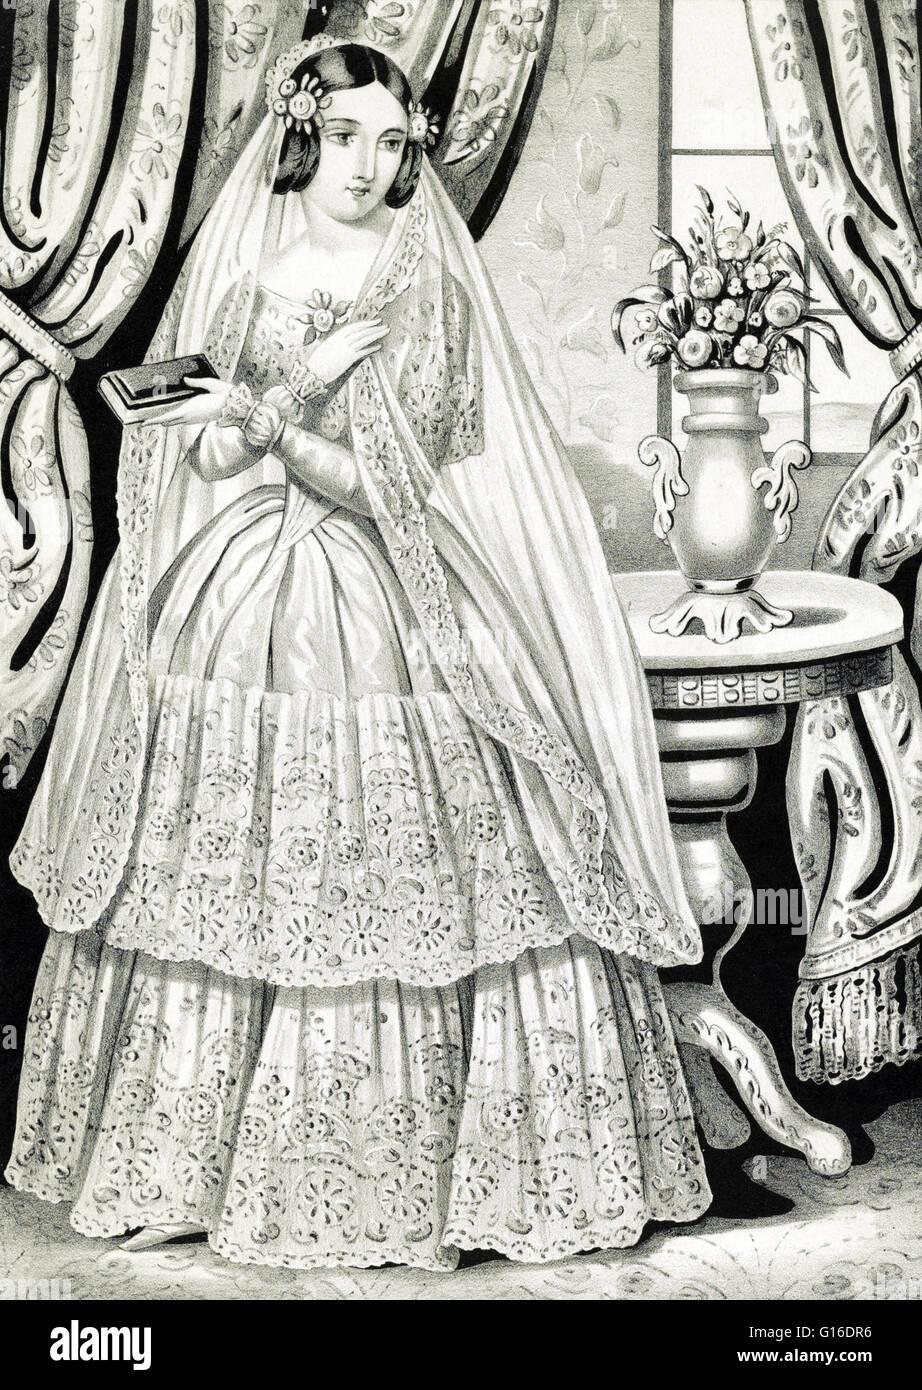 Ein Hochzeitskleid oder Brautkleid ist die Kleidung von Braut ...